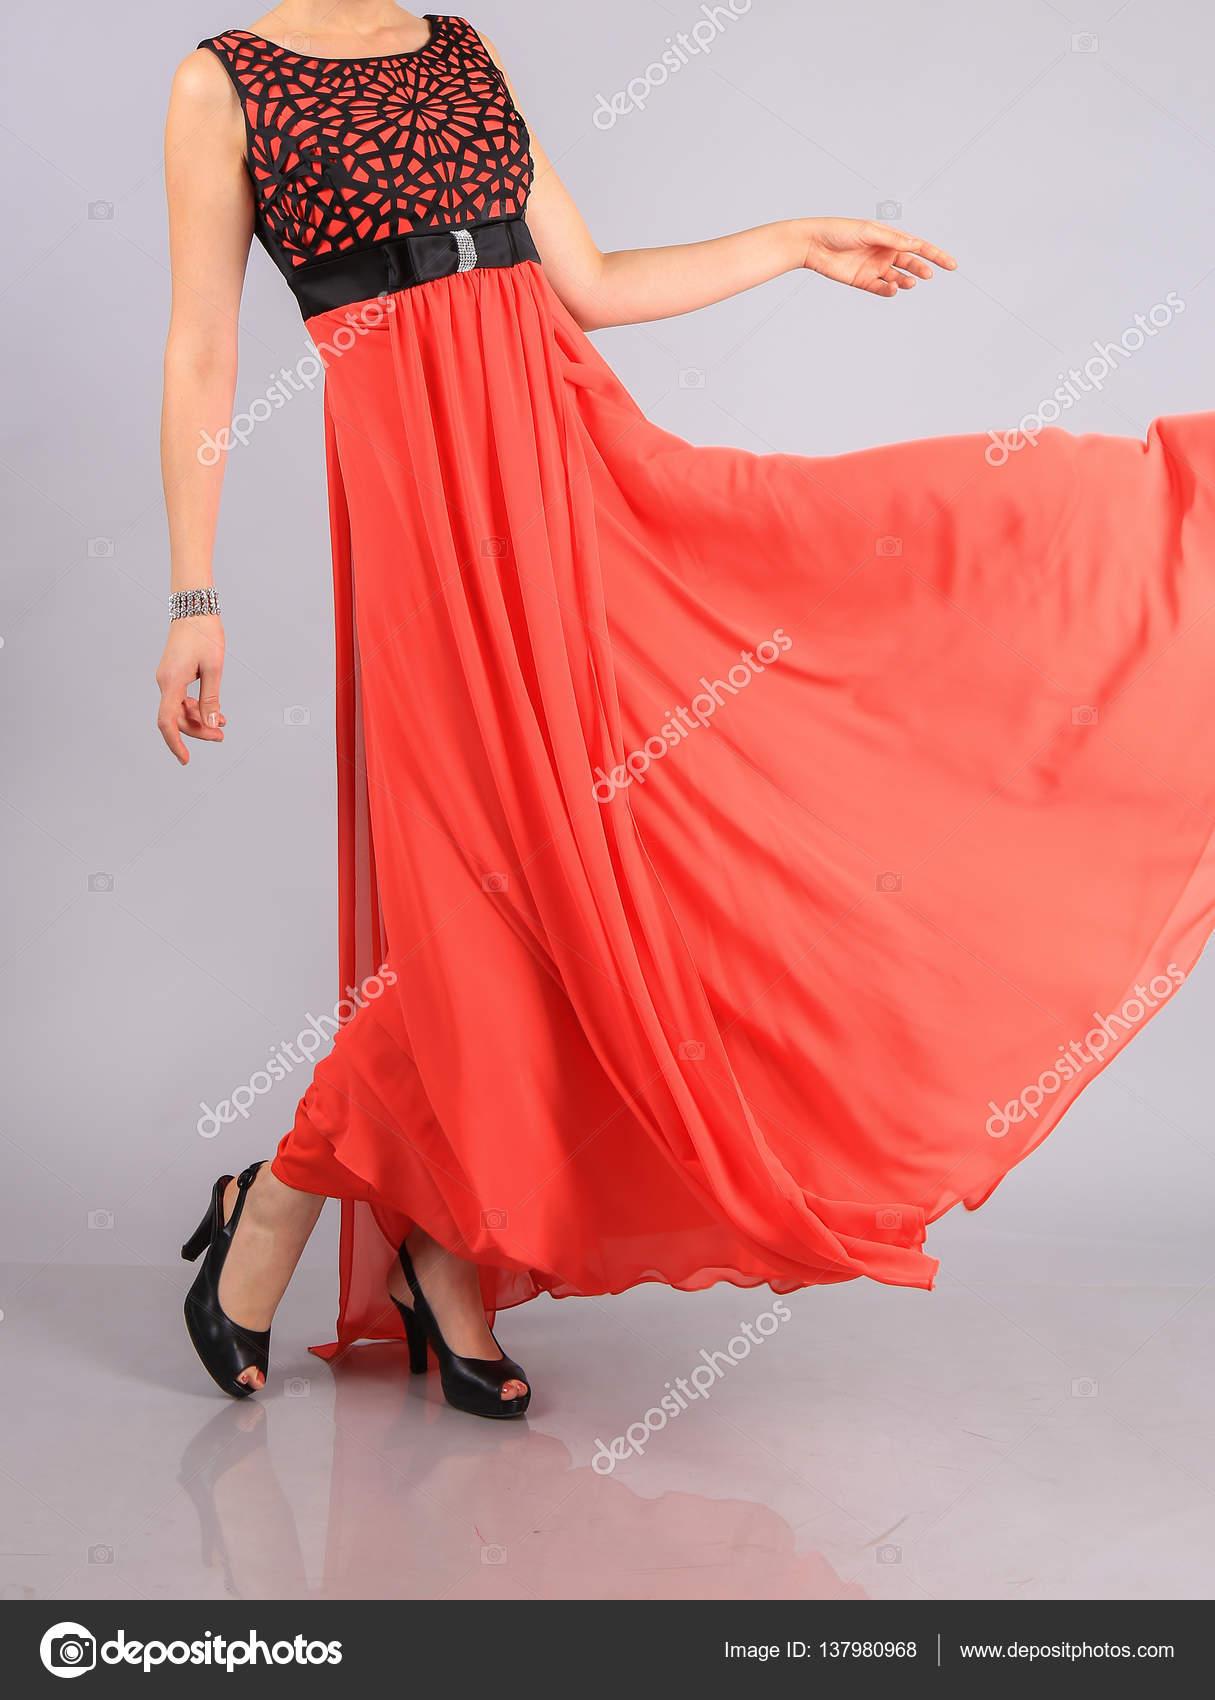 8d60f551999241 Meisje in mooie rode jurk — Stockfoto © Apriori  137980968